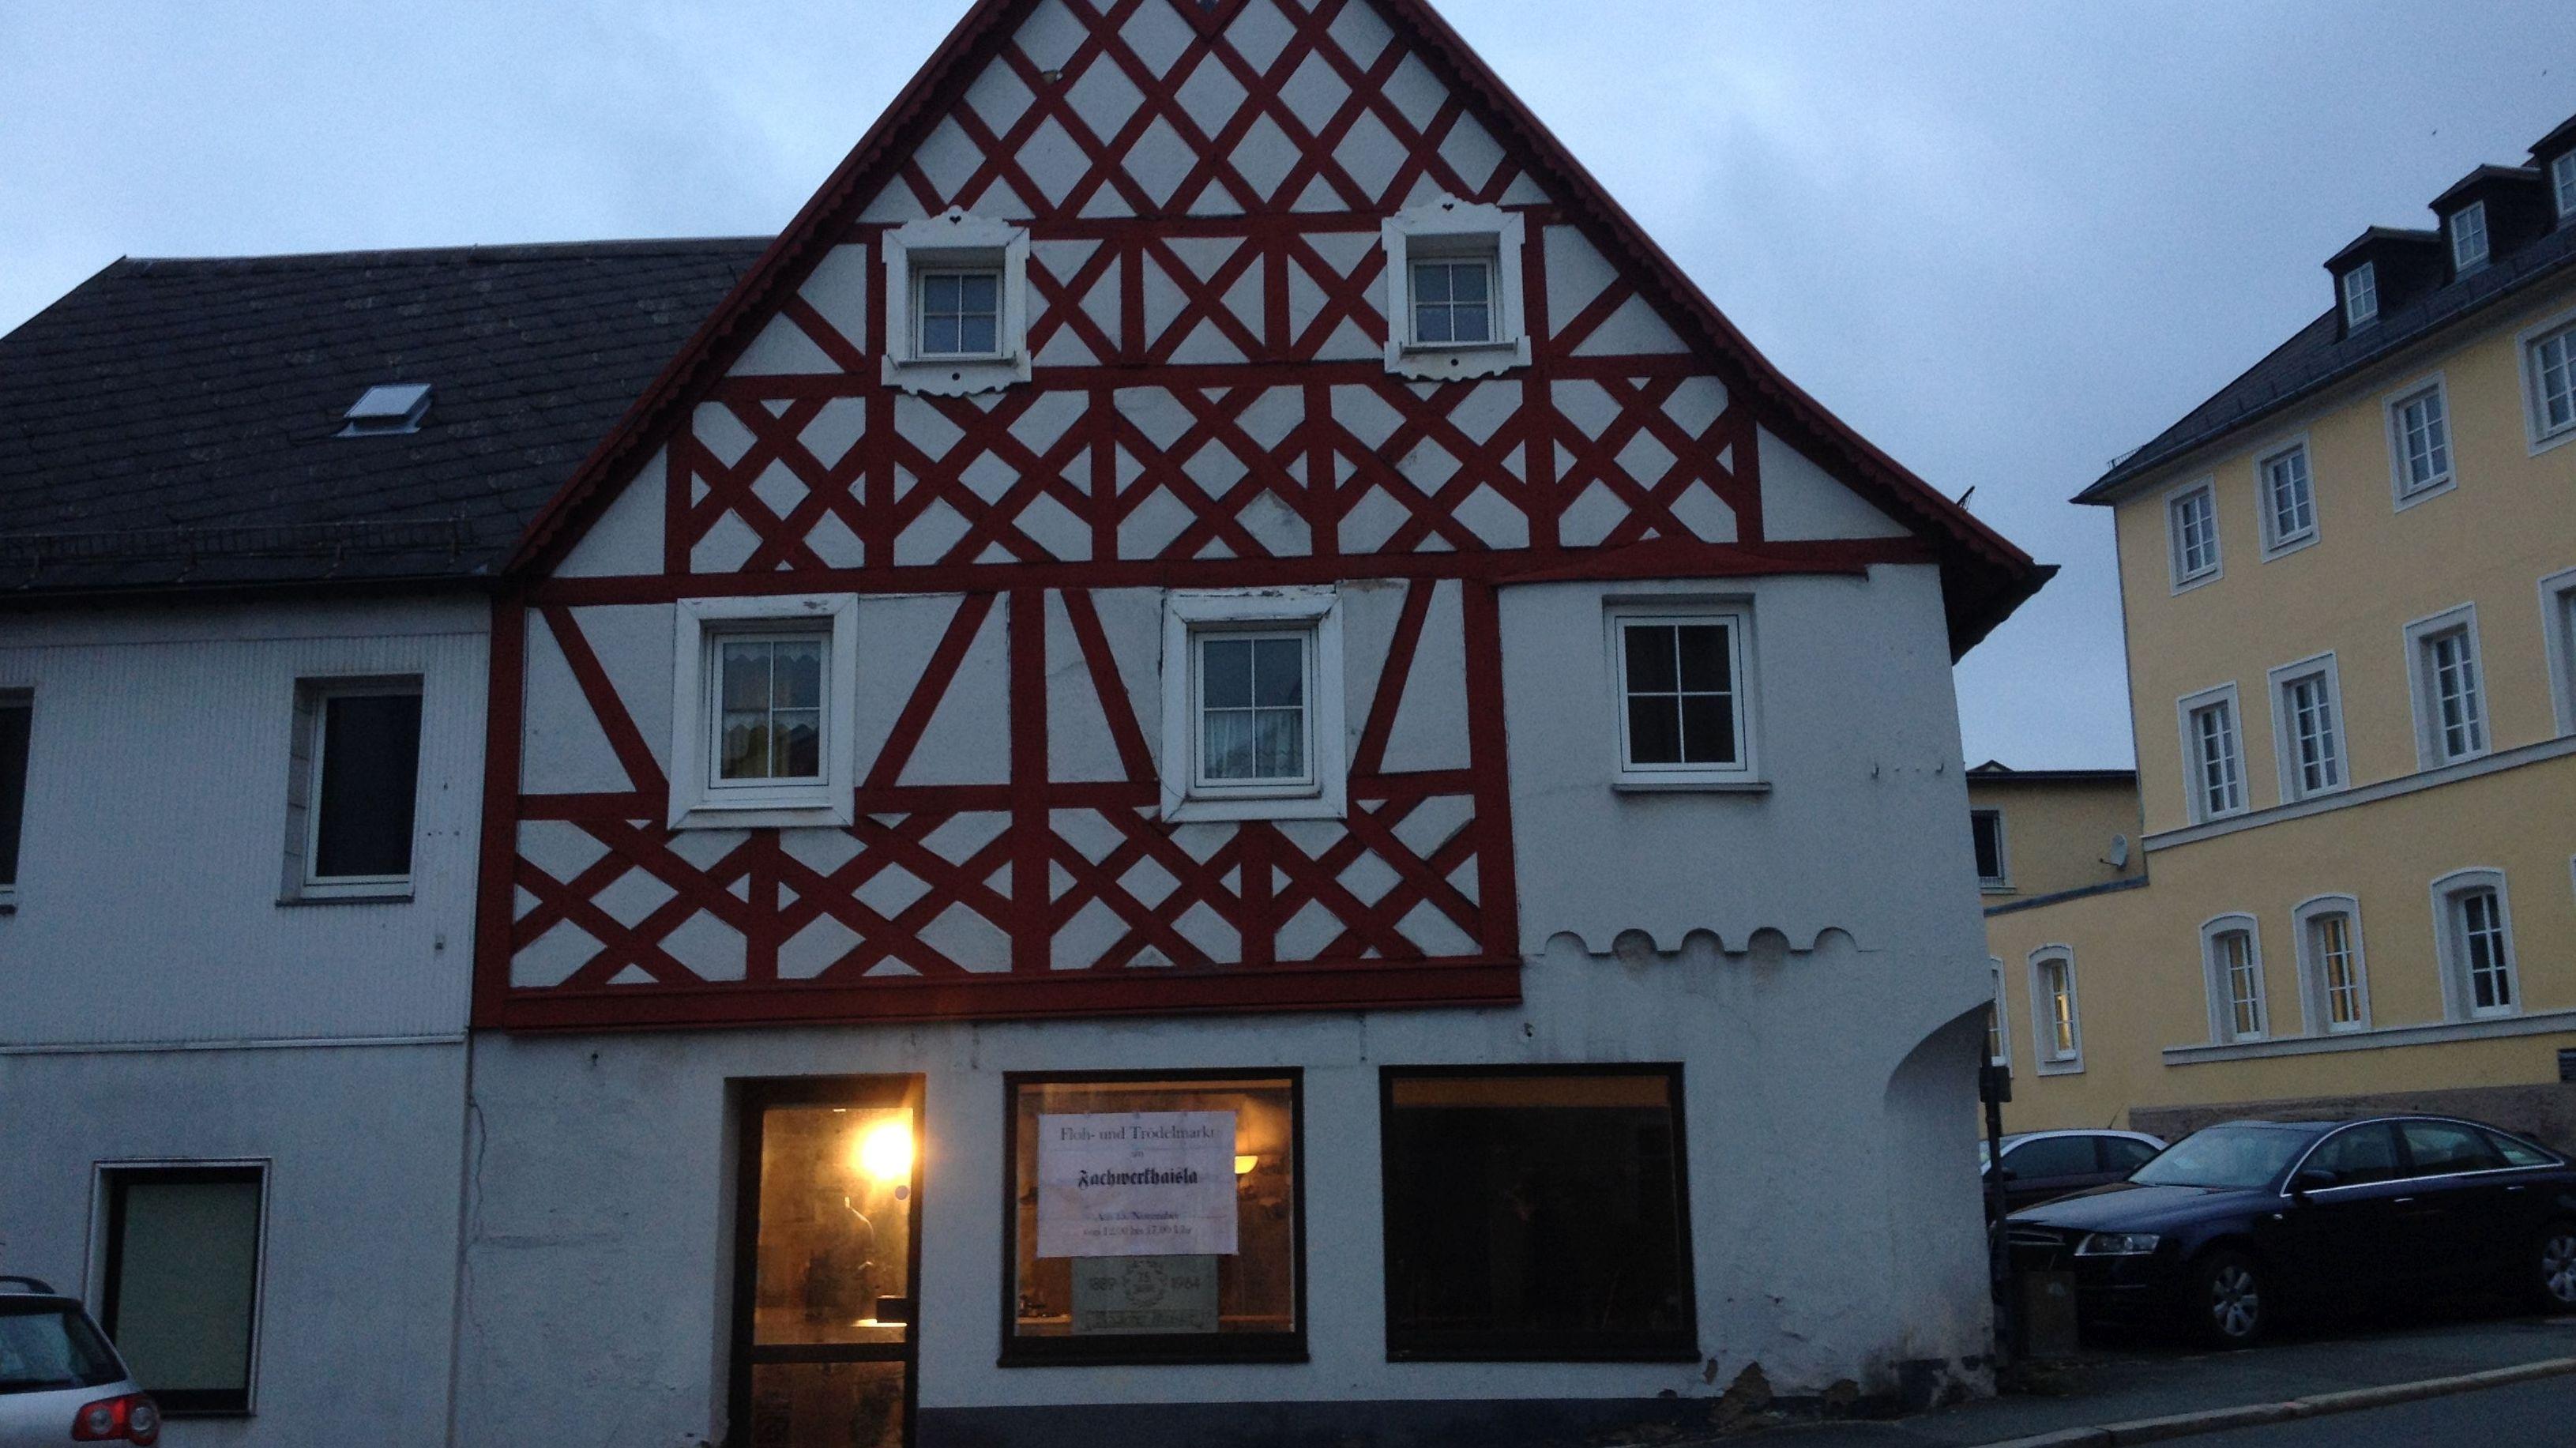 Ein altes, sanierungsbedürftiges Fachwerkhaus in Münchberg, davor und daneben Autos